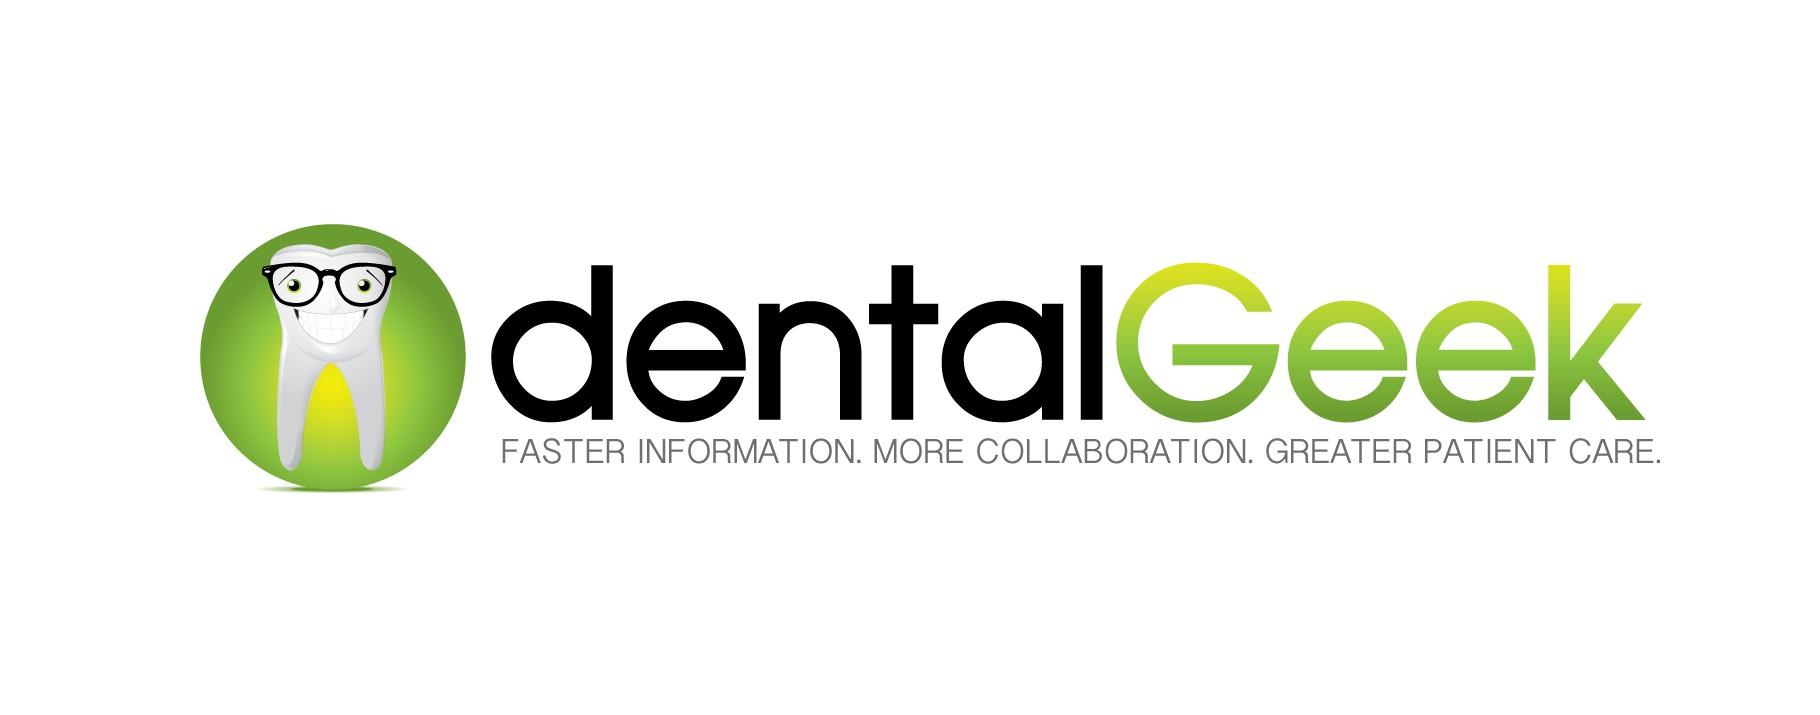 dentalgeek needs a new logo